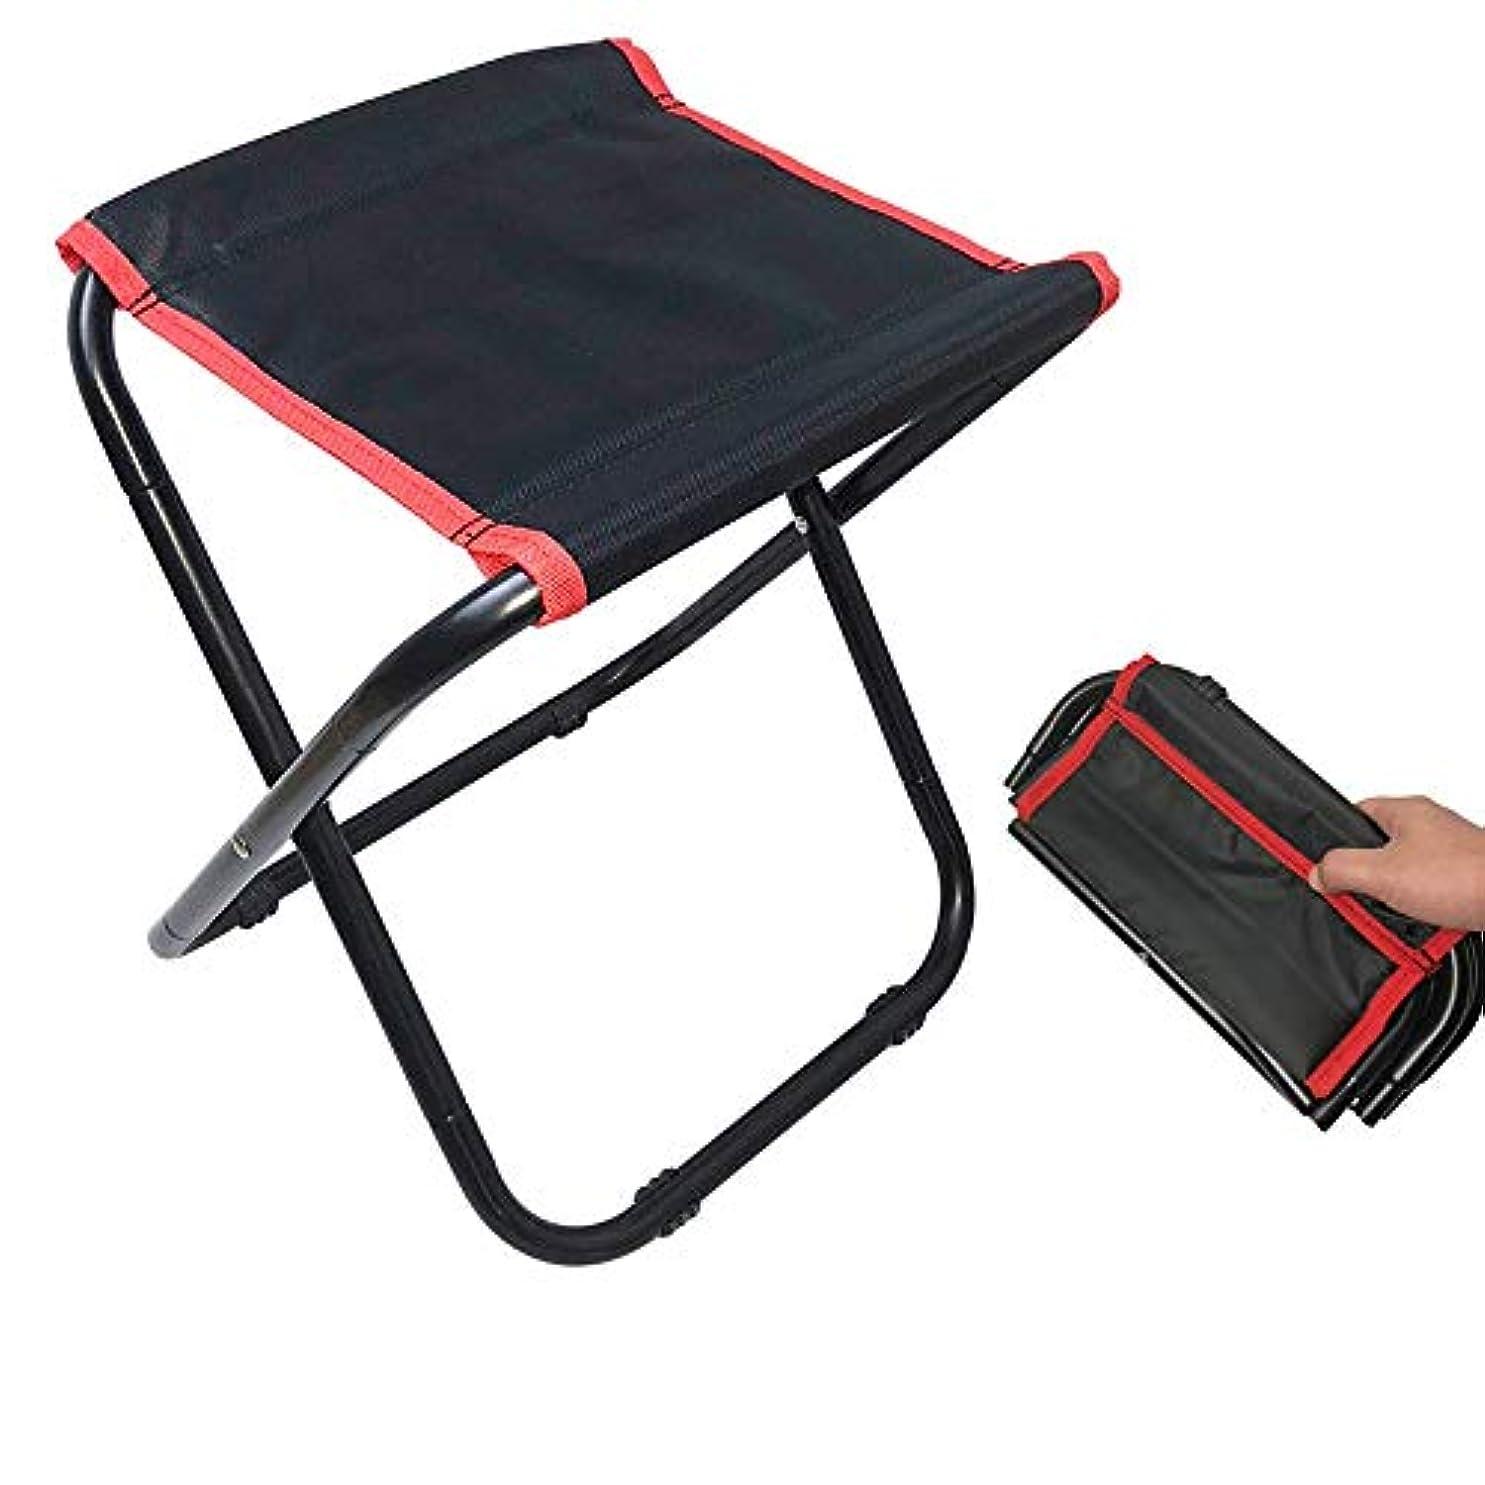 ピークラッドヤードキップリングバズミニ折りたたみ椅子、携帯用キャンプスツール、ハイキング旅行のための軽量椅子 アウトドア キャンプ用 (色 : ブラック, サイズ : 31.5*27*35cm)